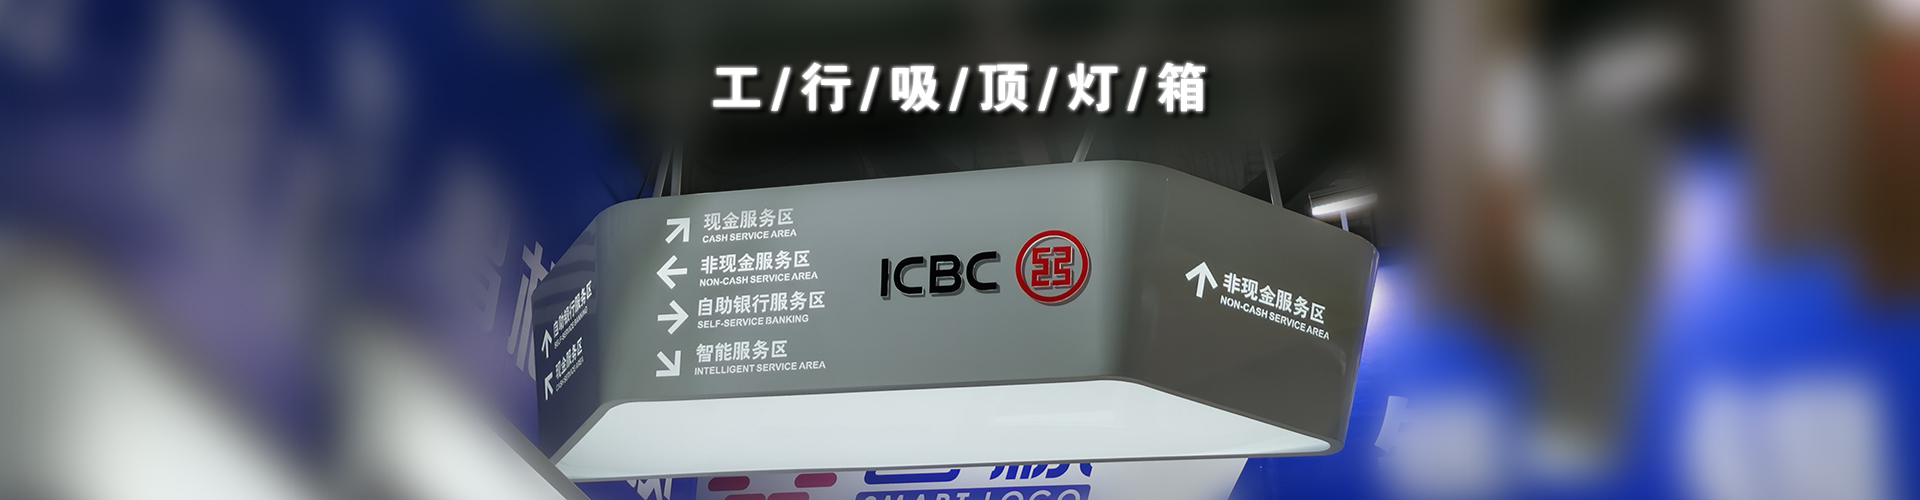 广州市森锋标识制作有限公司